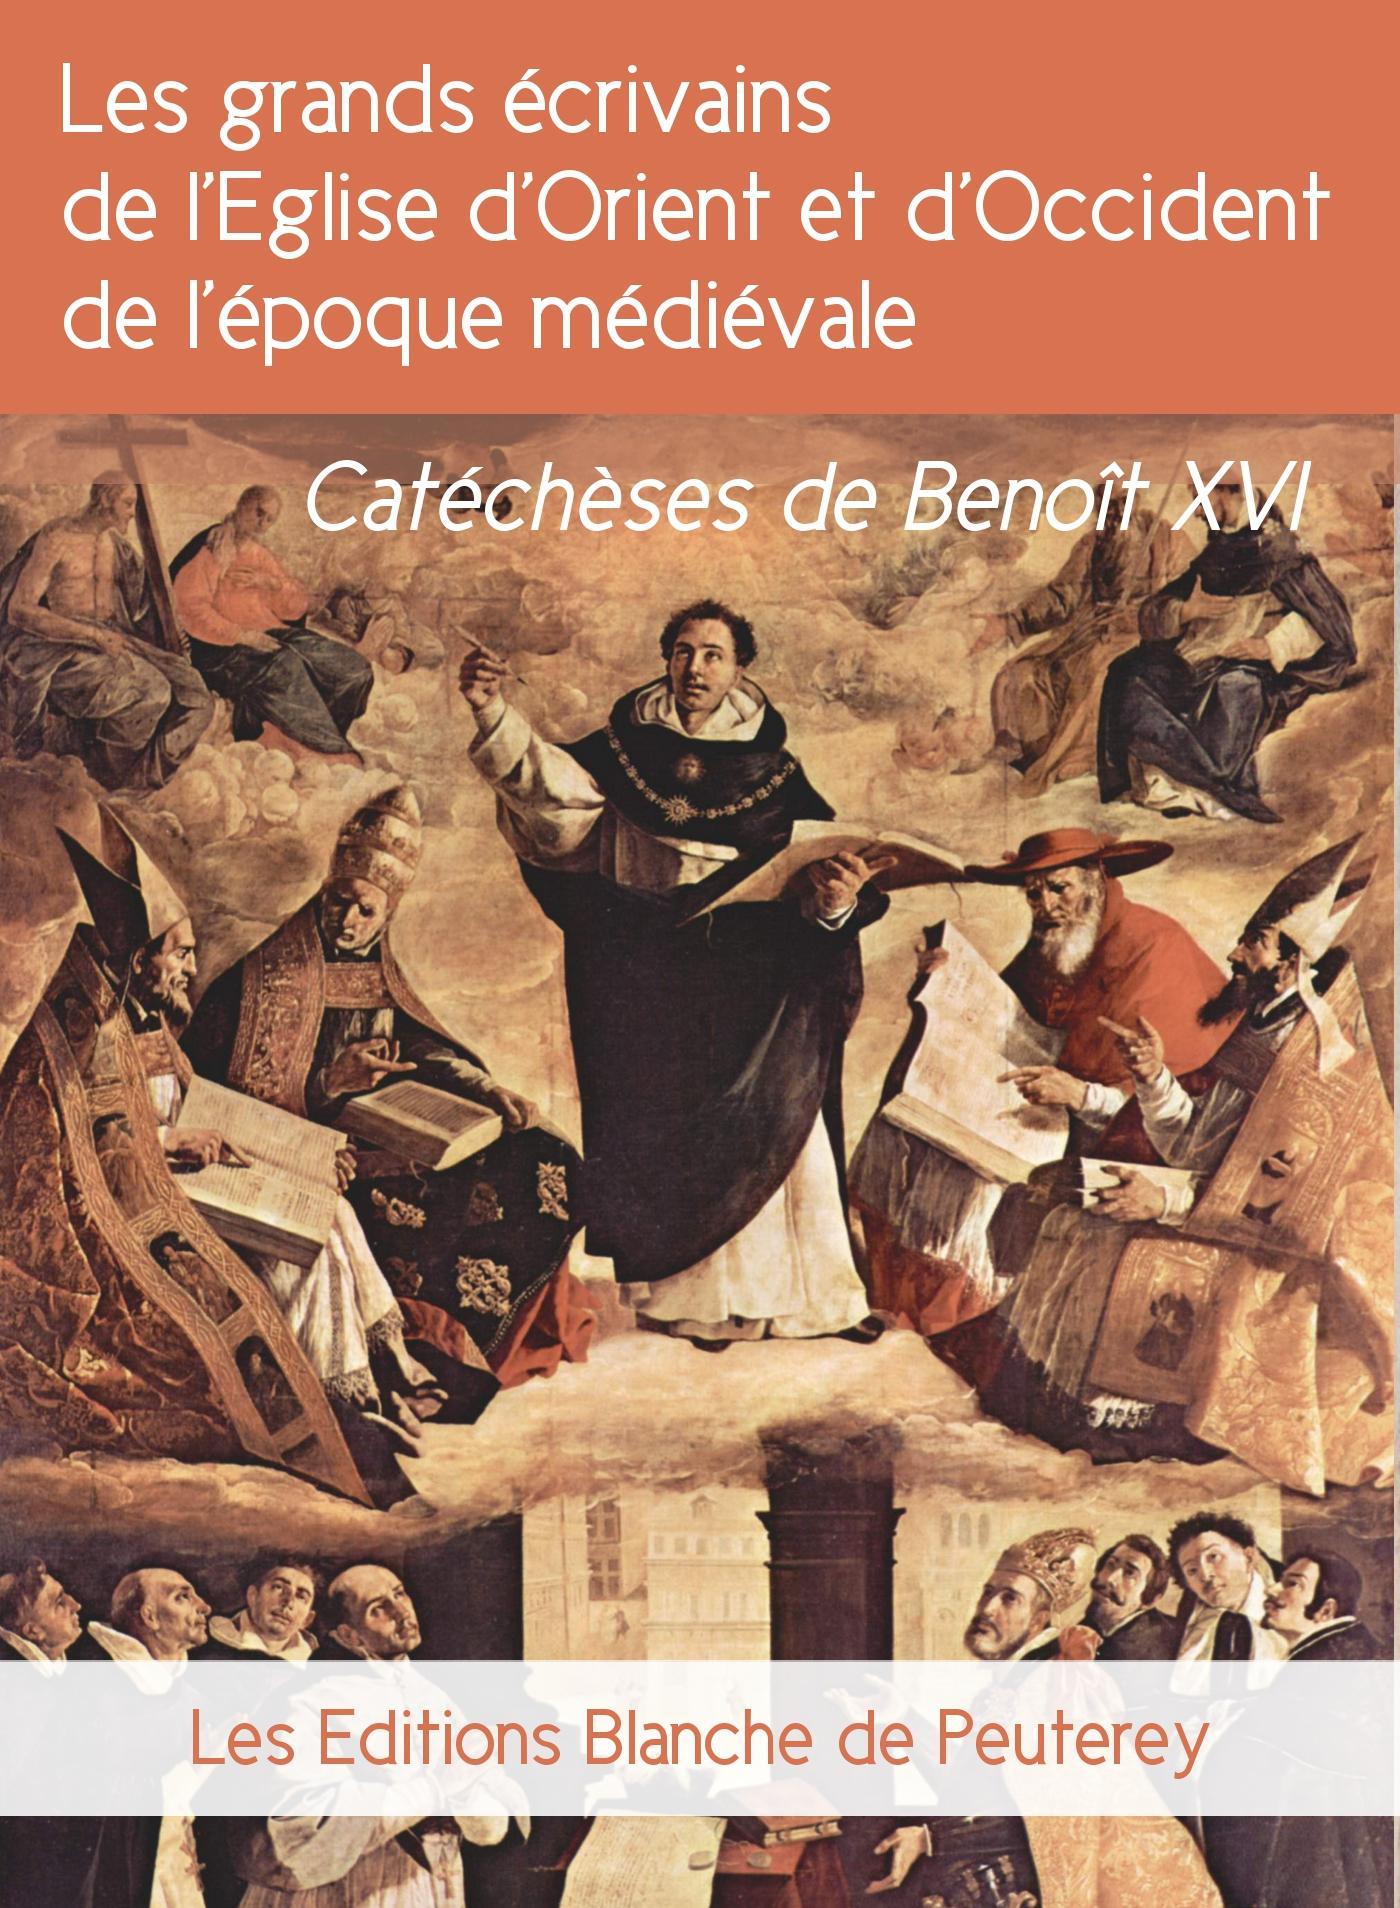 Les grands écrivains de l'Eglise d'orient et d'occident de l'époque médiévale, CATÉCHÈSES DE BENOÎT XVI